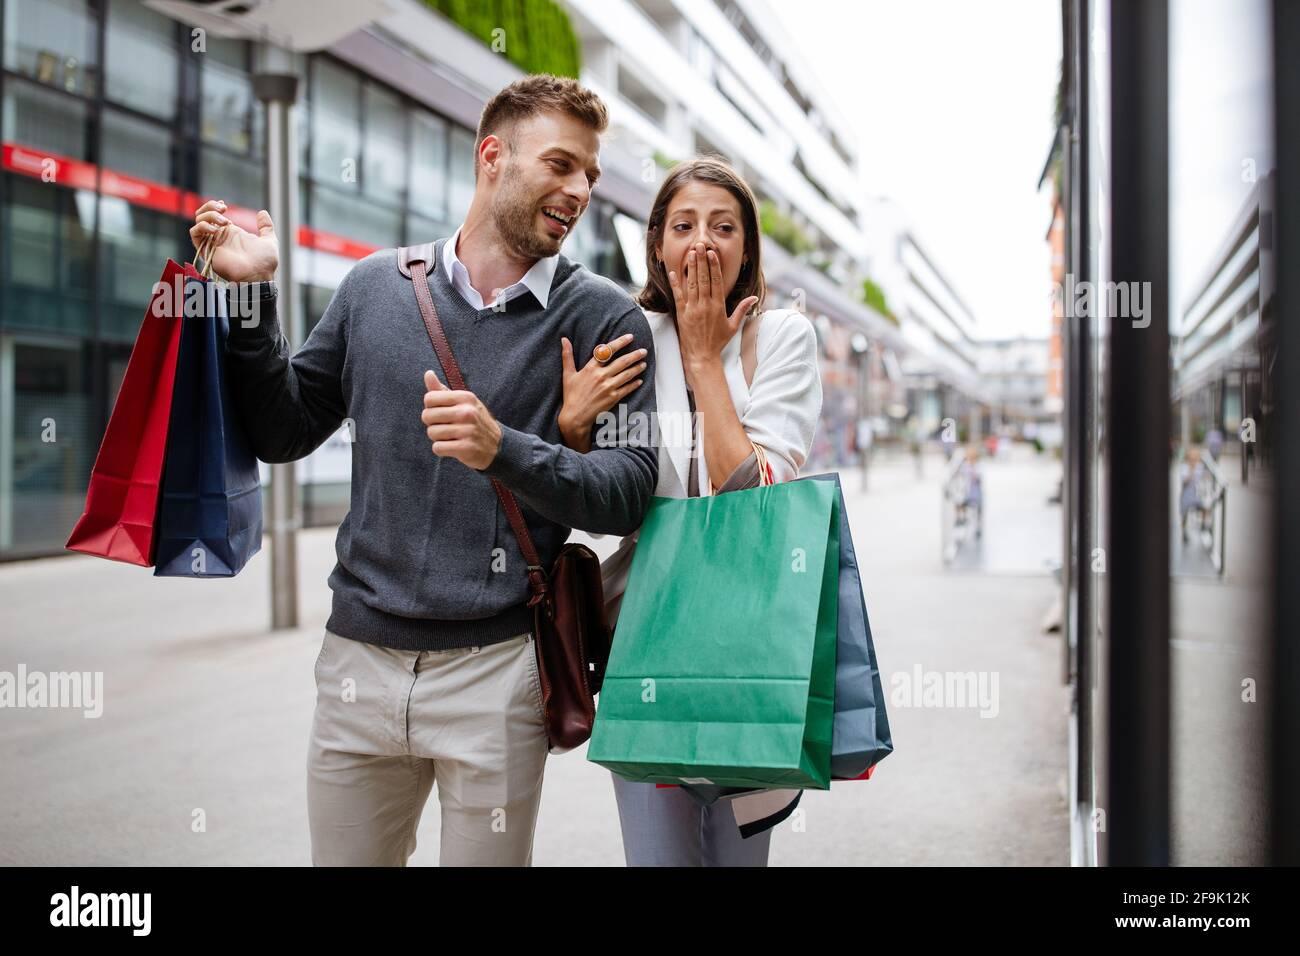 Buona coppia con borse per lo shopping in città. Persone, vendita, amore e concetto di felicità. Foto Stock